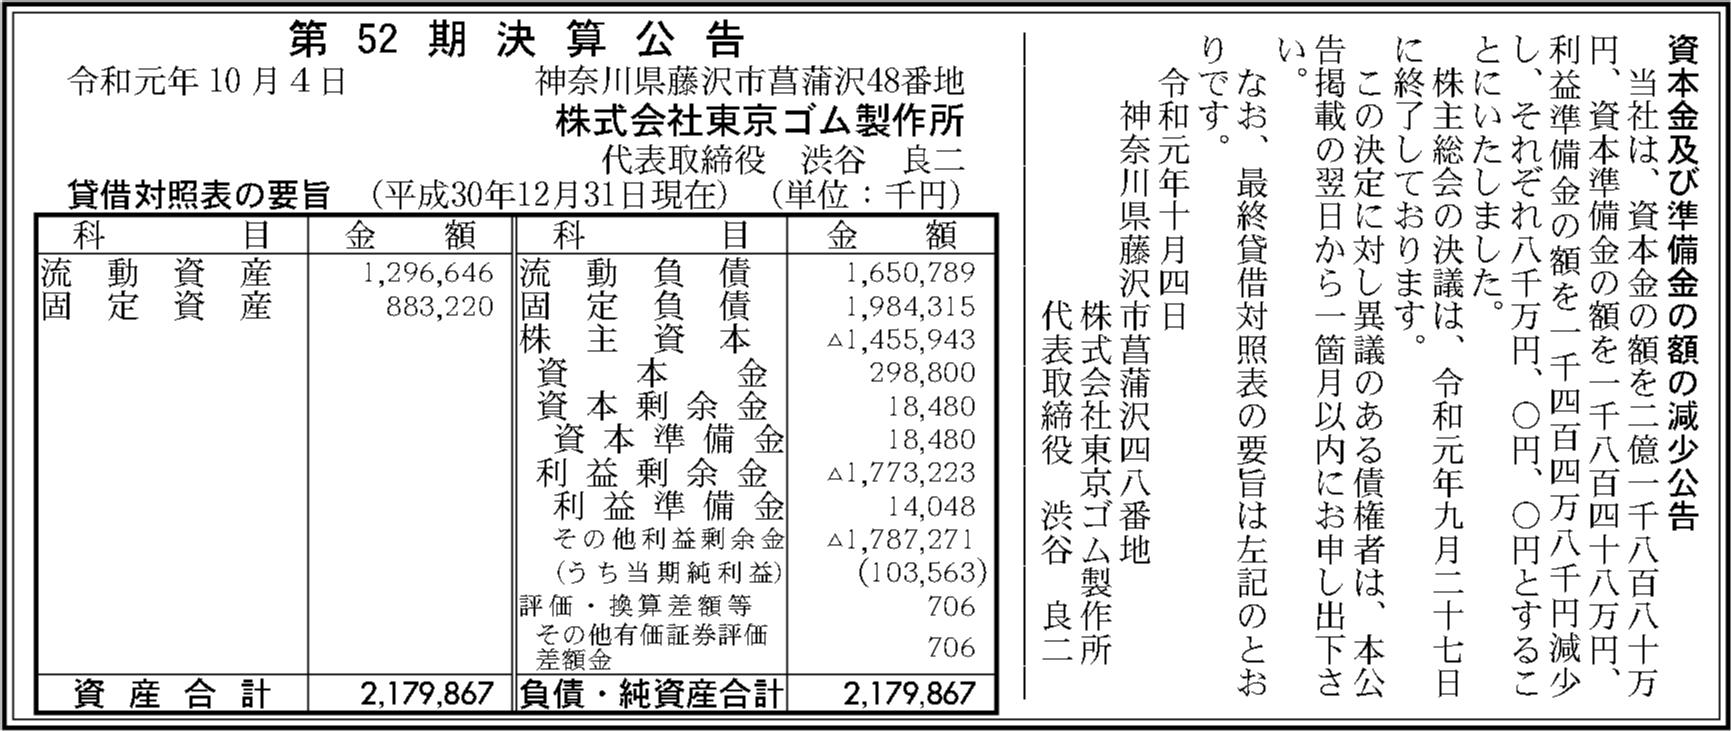 0059 3a0845e69b4463e1ada50475069e364c1646bcdc79650ae03261ae4081d0f07199f772635366a4778938f99ed306024b047757ce12d8f5cf5dc10bddc972d147 06